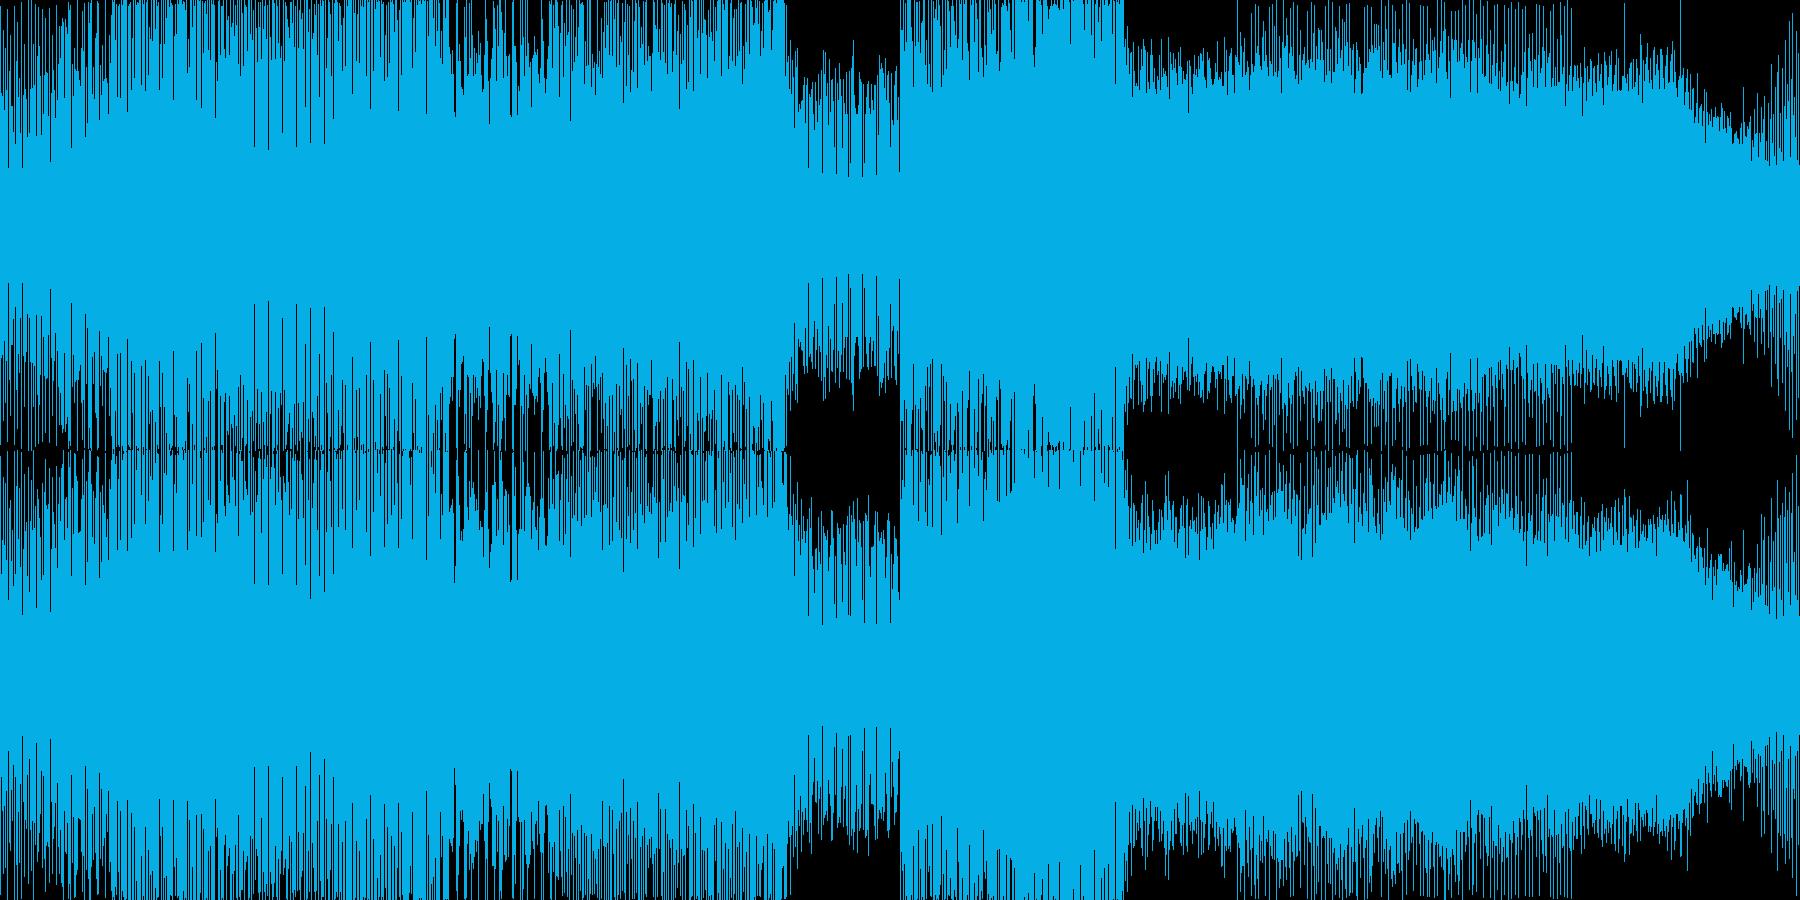 少し早めのエレクトロハウスです。いろい…の再生済みの波形